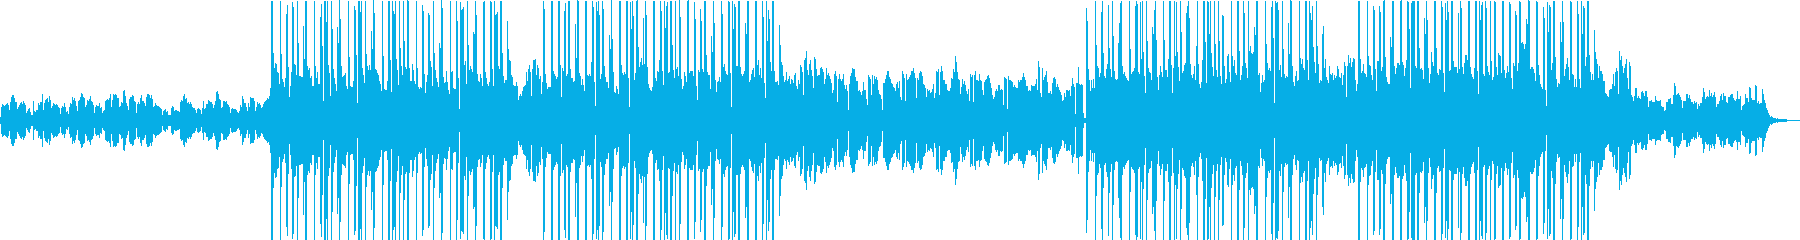 大人でチル・ブルージーLoFiなBGMの再生済みの波形